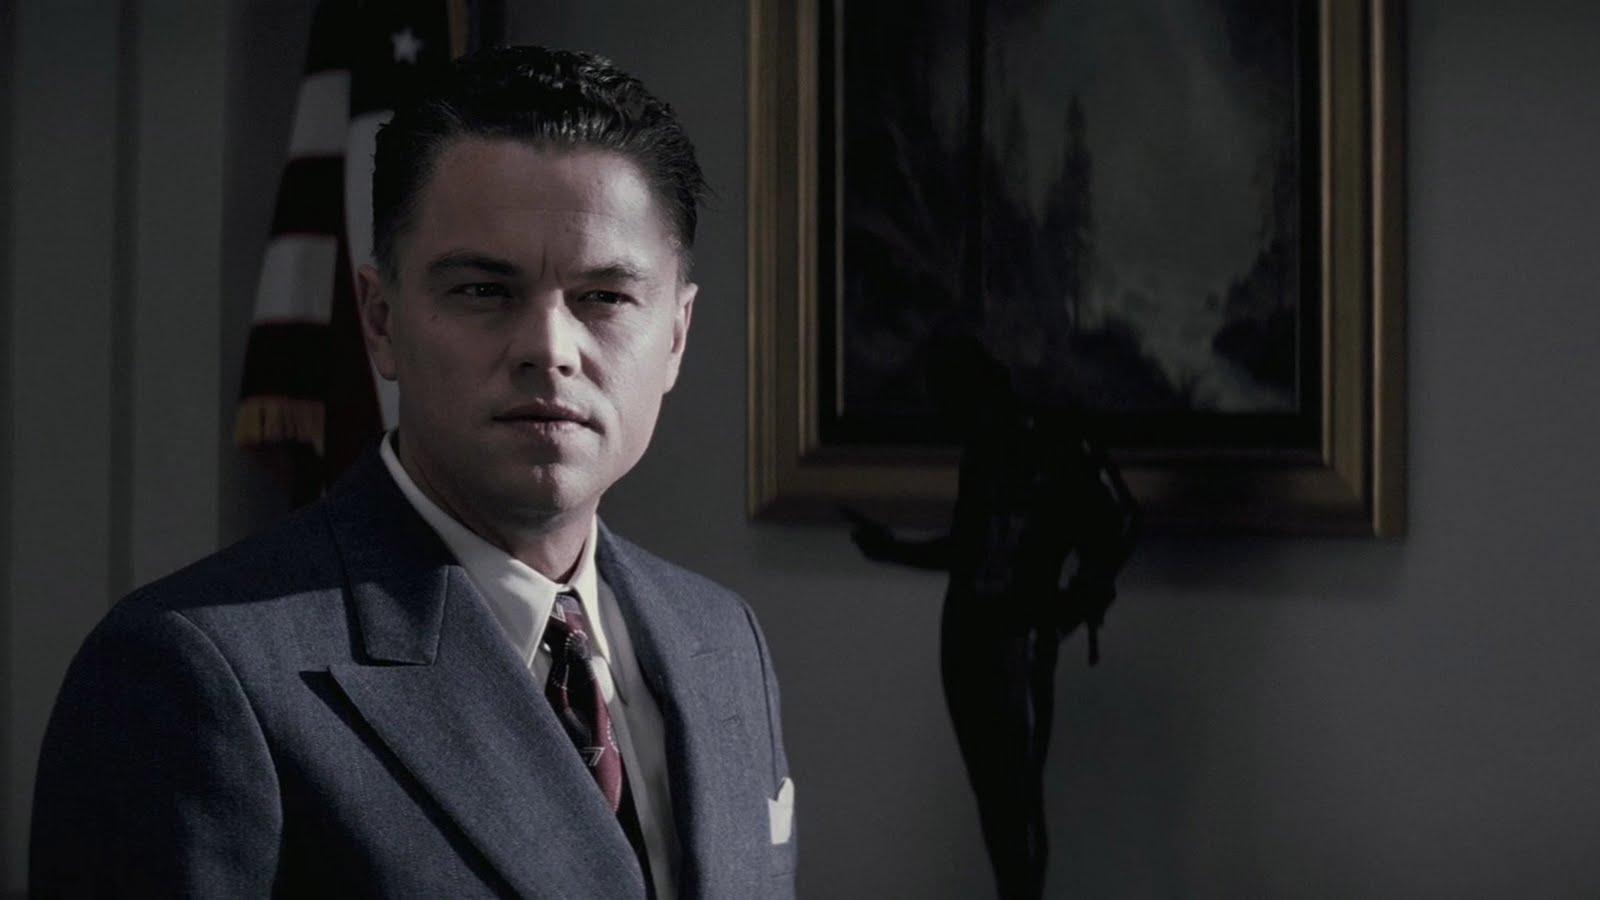 http://1.bp.blogspot.com/-TZxVB5YfQAk/TphQGvZU4oI/AAAAAAAAFWo/lIQmtka2K-U/s1600/j-edgar-movie-Leonardo-DiCaprio-5.jpg